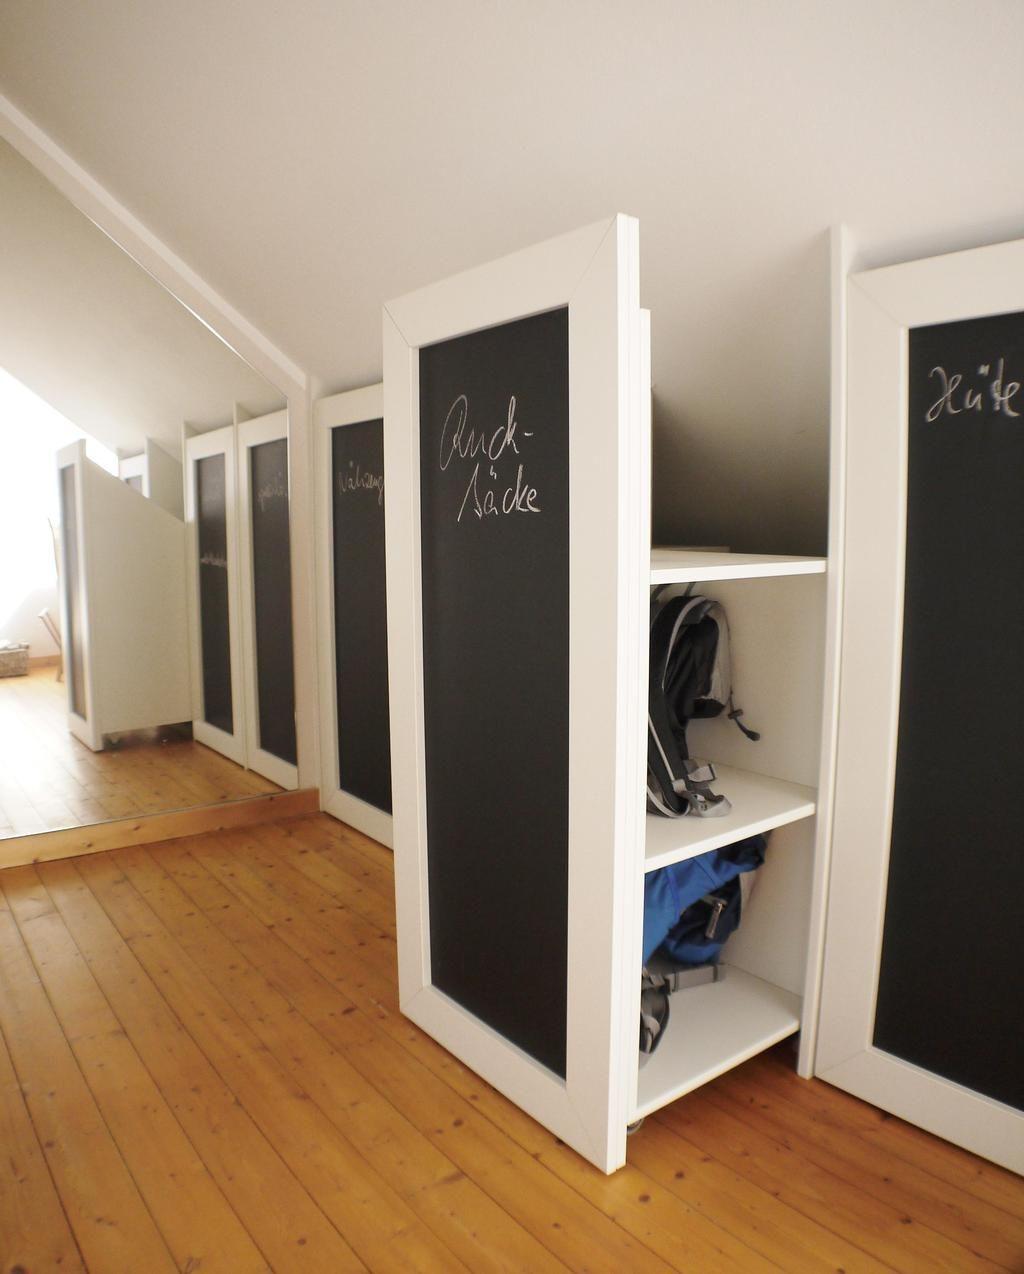 Dachschragen Aufbewahrung Bilder Ideen Kleiderschrank Fur Dachschrage Dachboden Renovierung Schrank Dachschrage